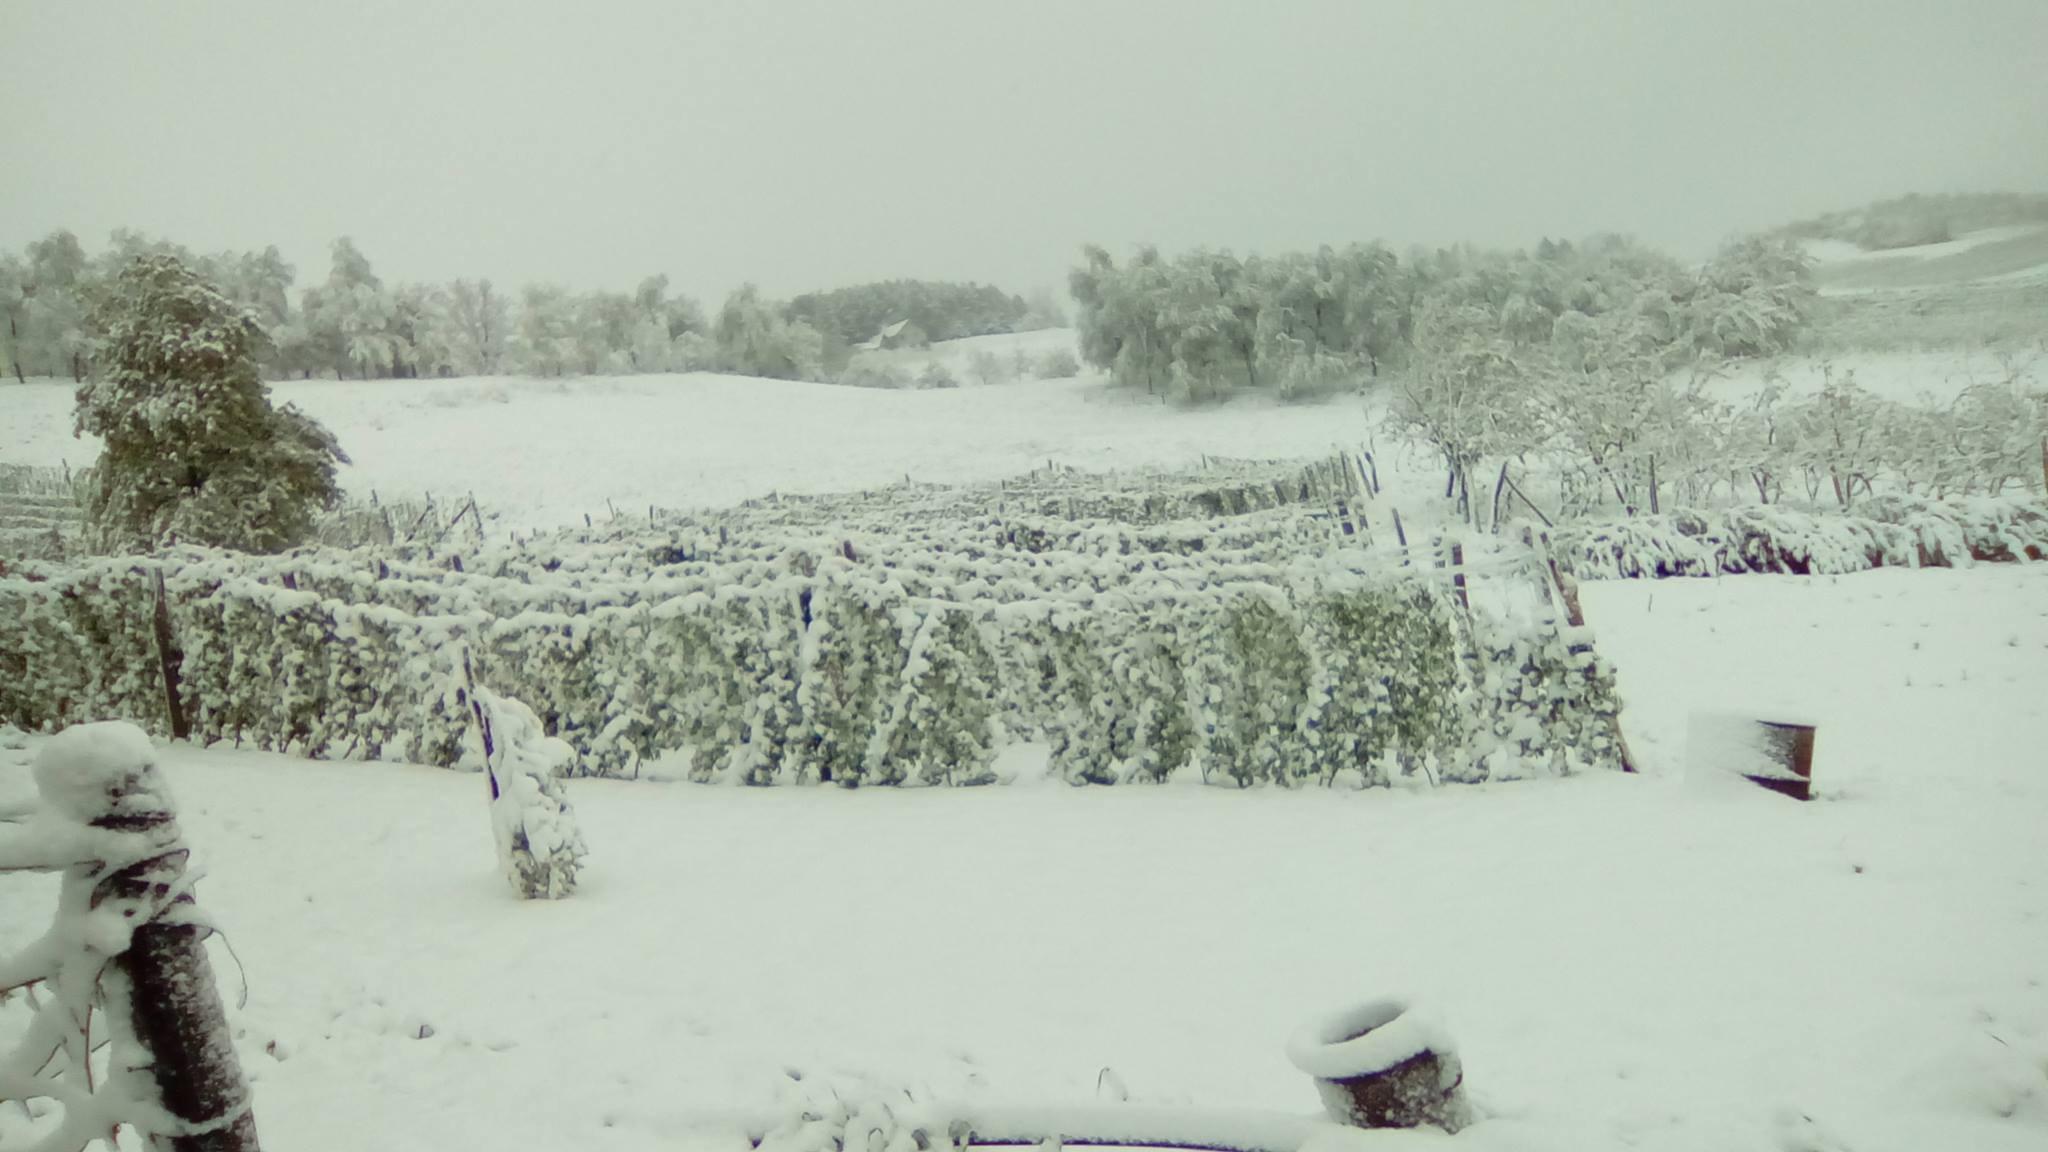 Sneg je noćas prekrio zasade malina na Spasovnjači  Foto--S.Radojević